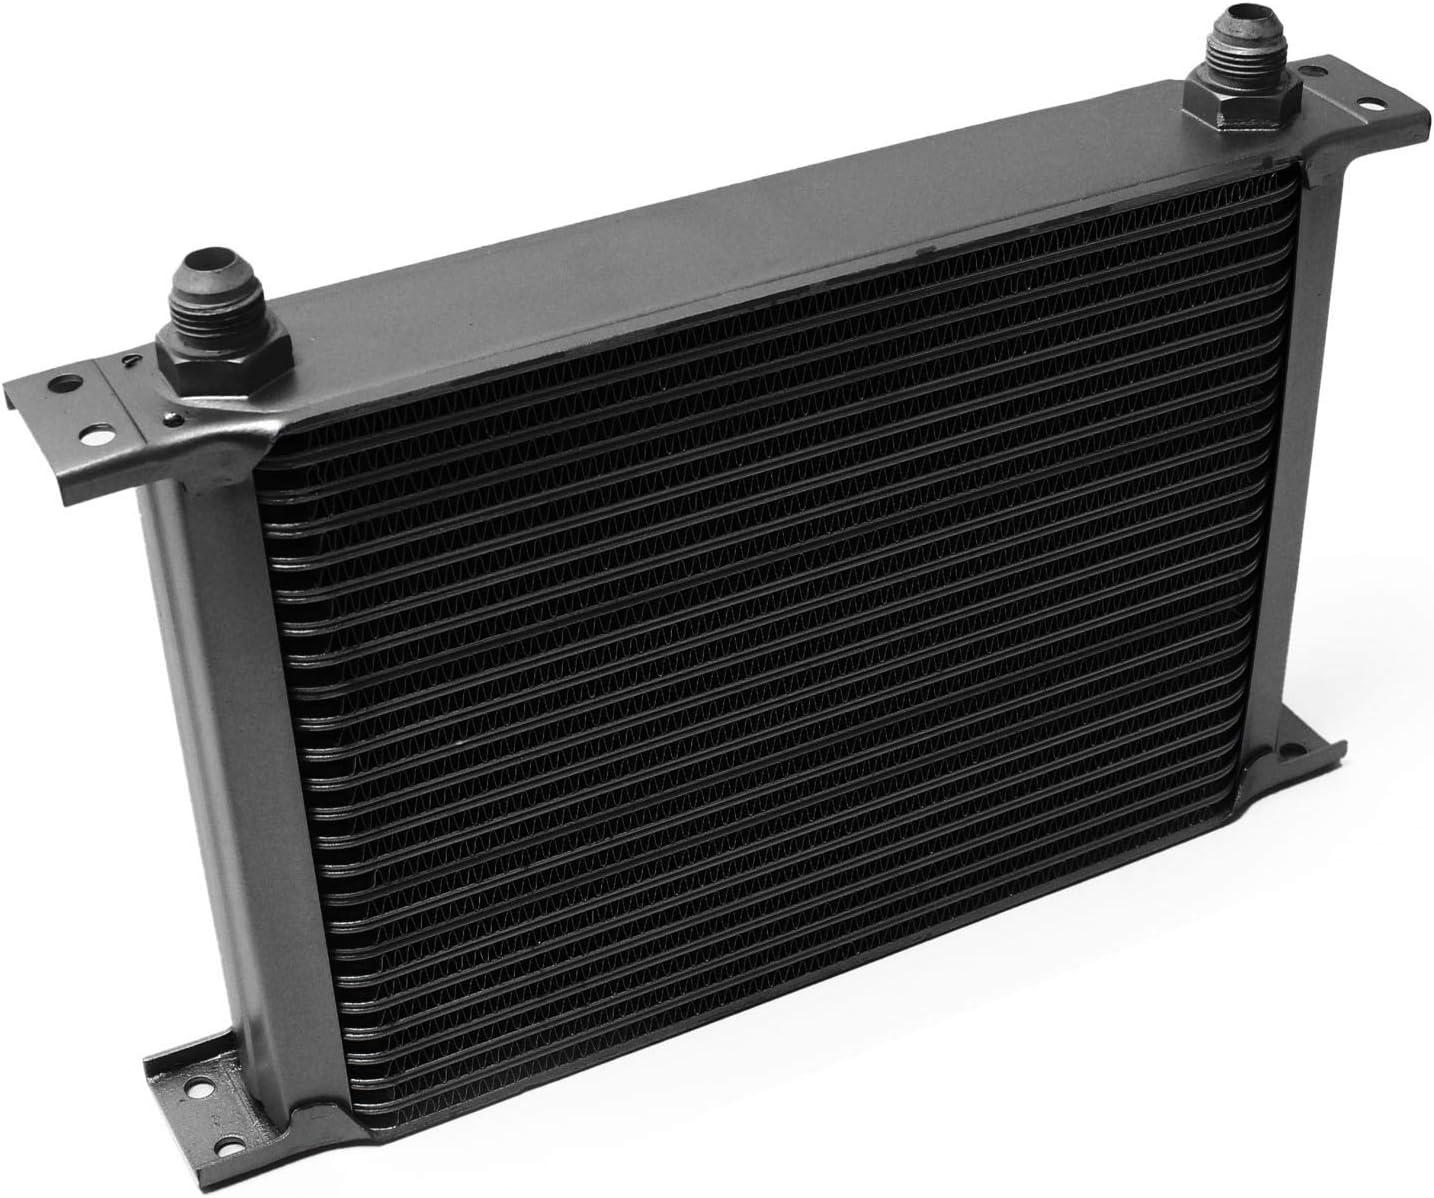 Wiltec Radiatore Nero dellolio Universale Alluminio 25 File Alette per Raffreddamento Olio Motore